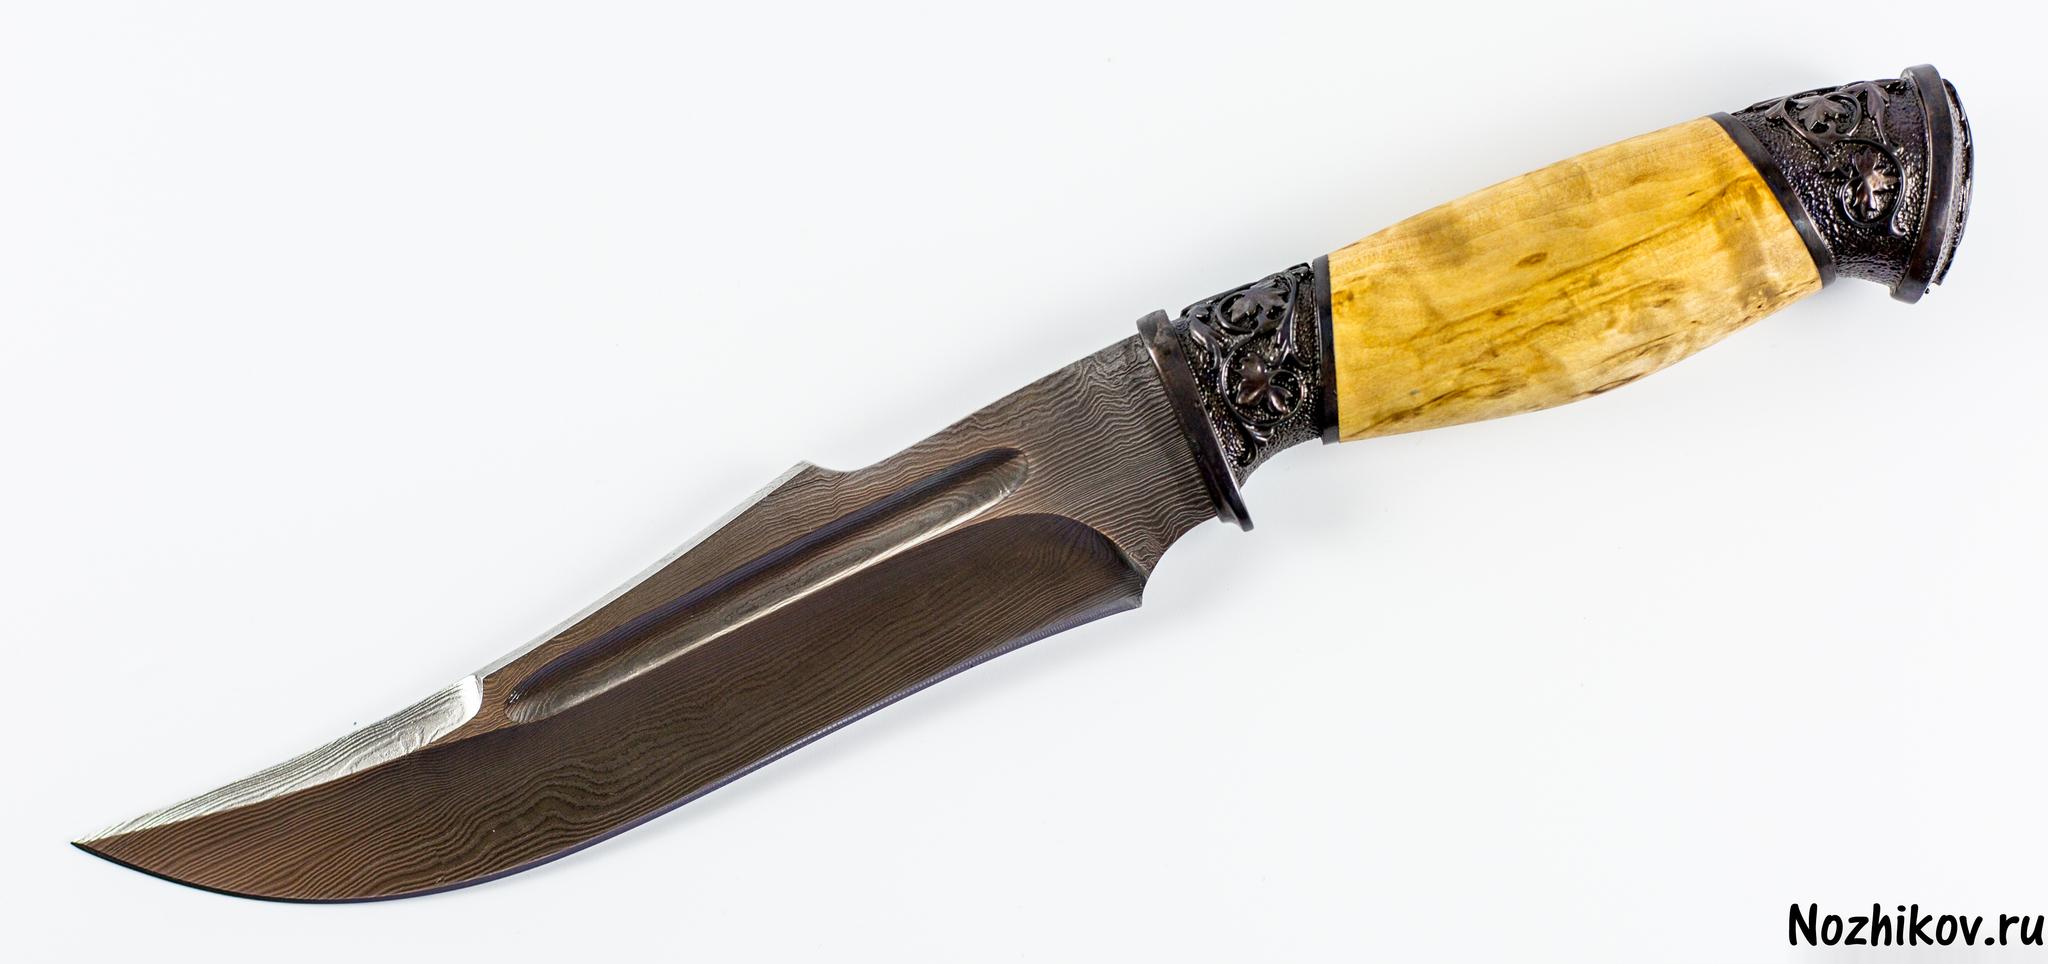 Авторский Нож из Дамаска №12, КизлярНожи Кизляр<br><br>